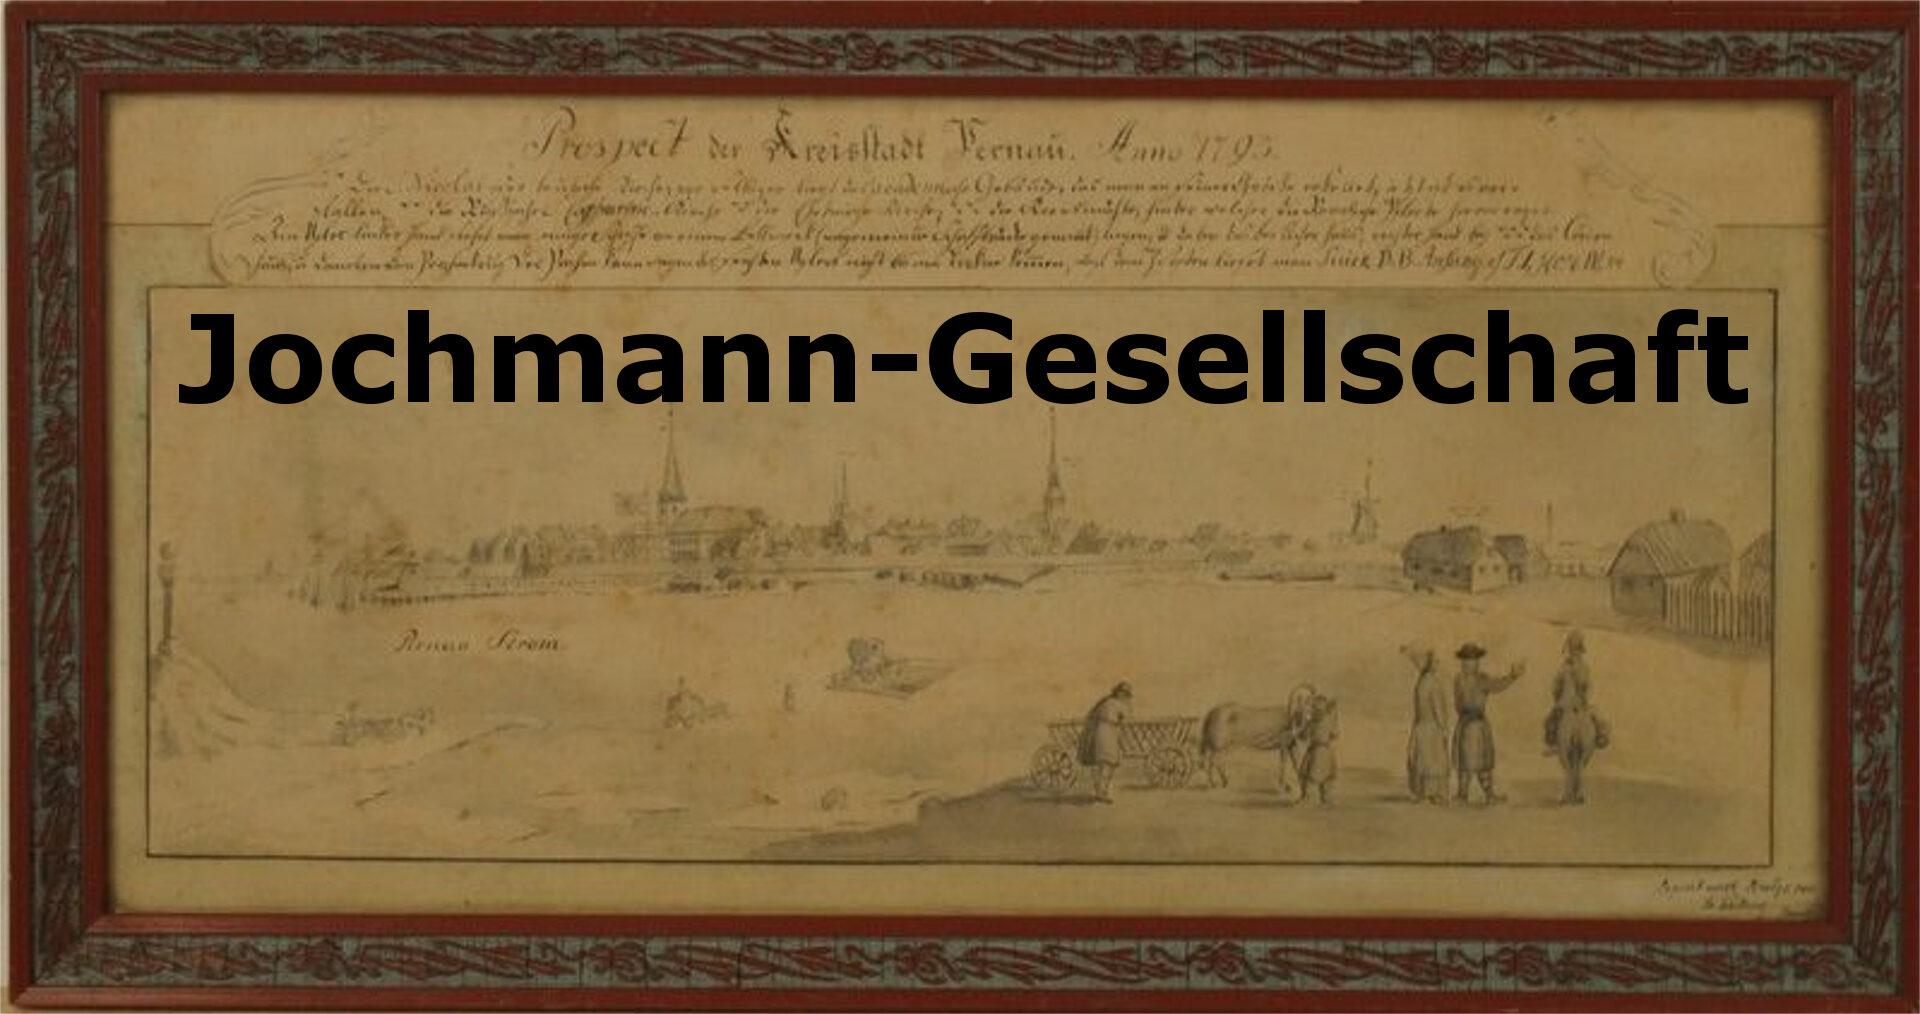 Jochmann-Gesellschaft